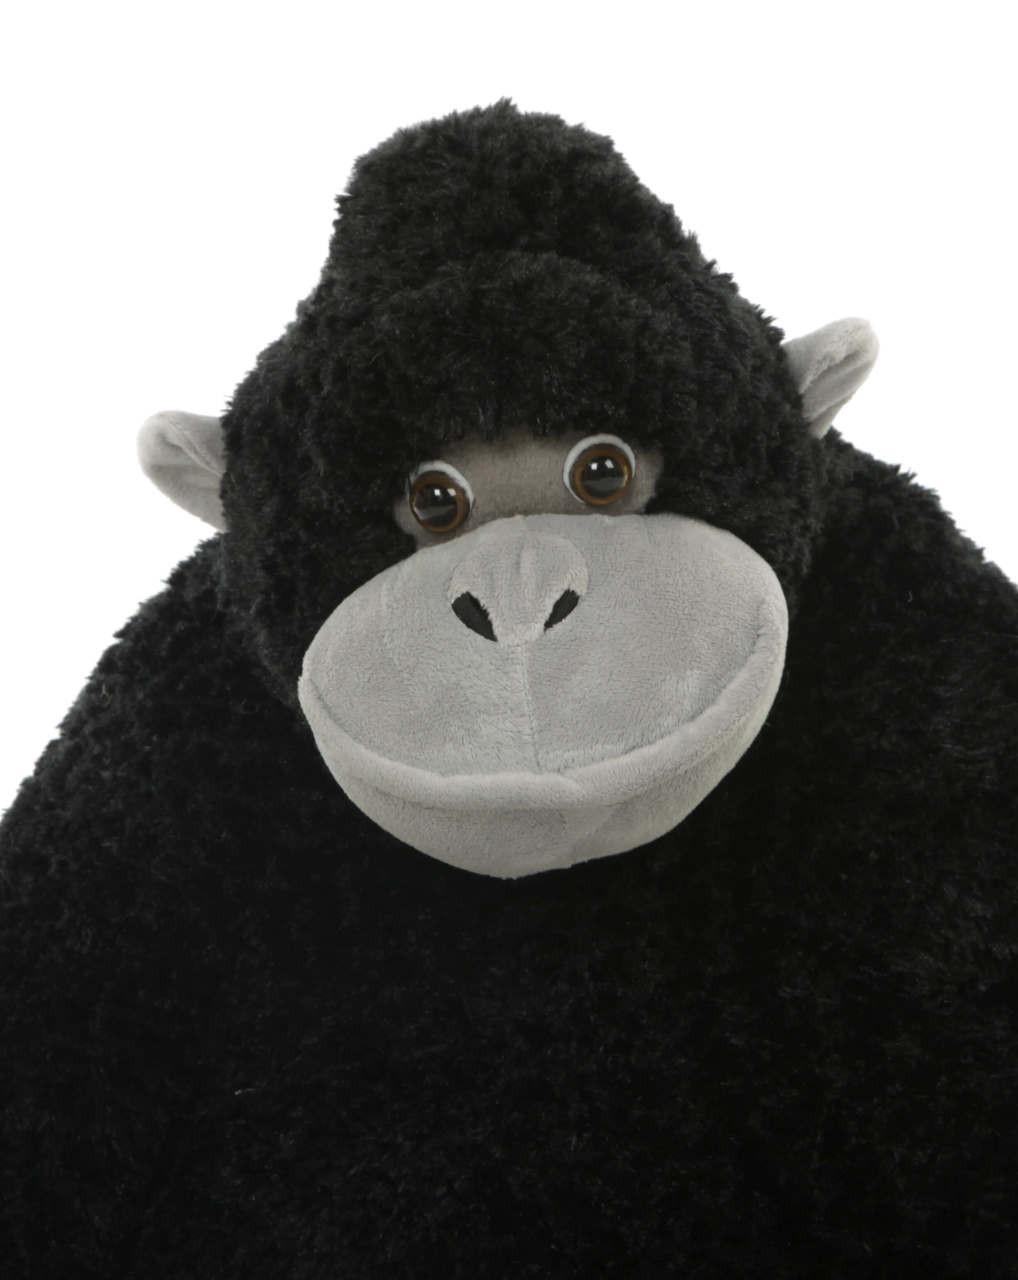 27 Inch Big Plush Stuffed Animal Gorilla